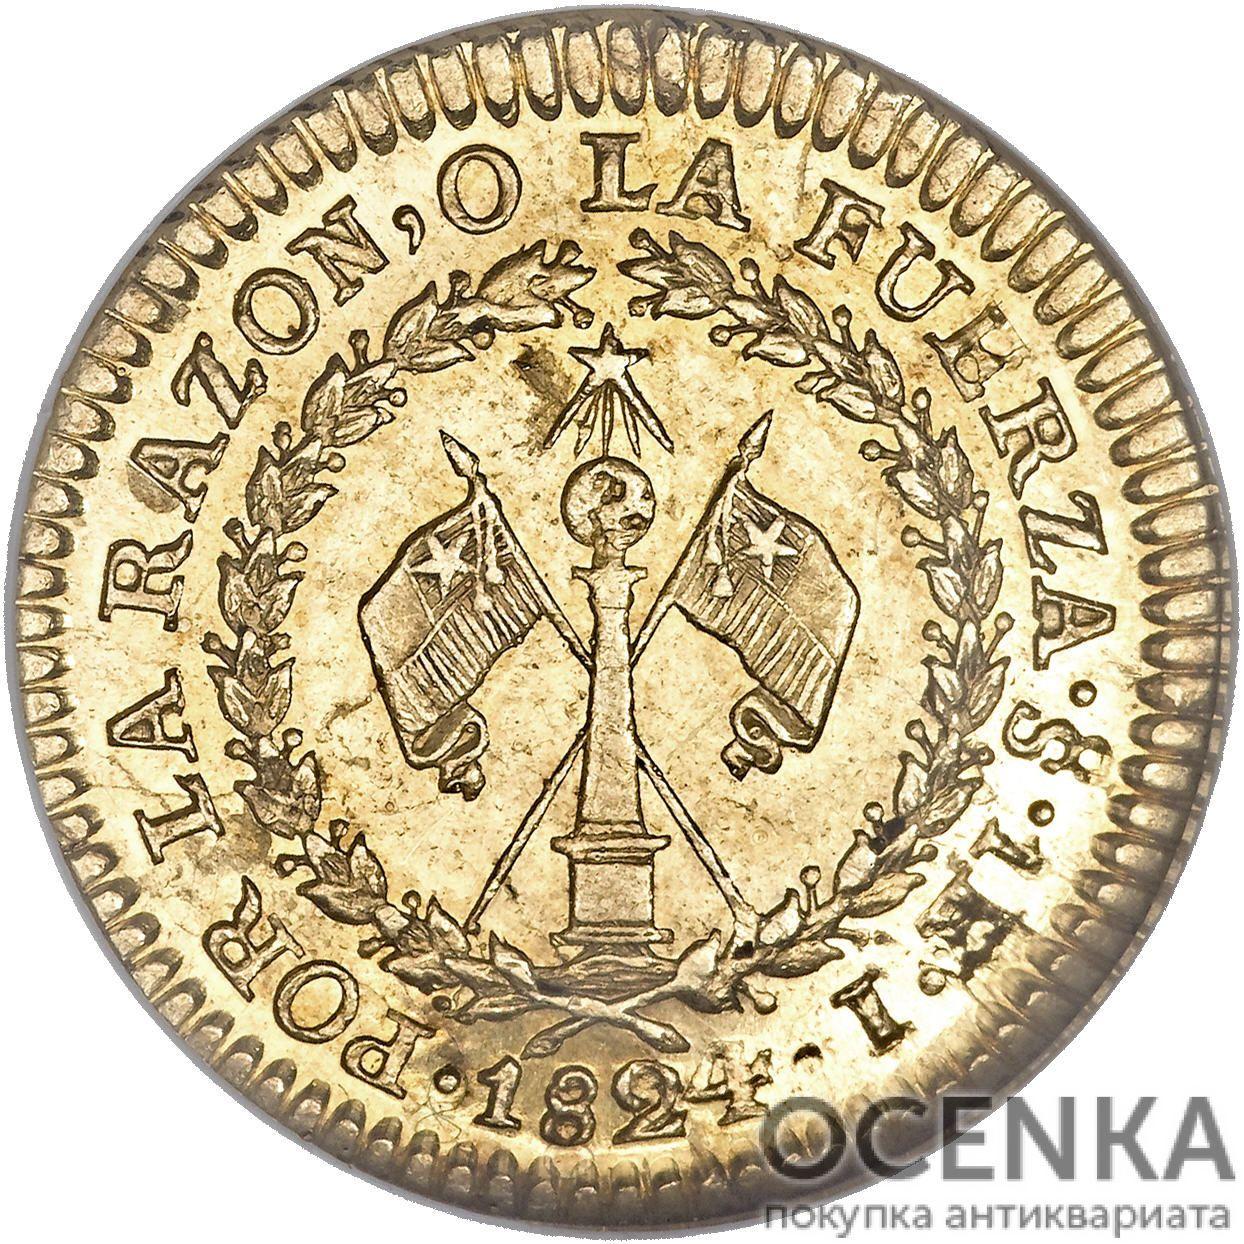 Золотая монета 1 Эскудо (1 Escudo) Чили - 4